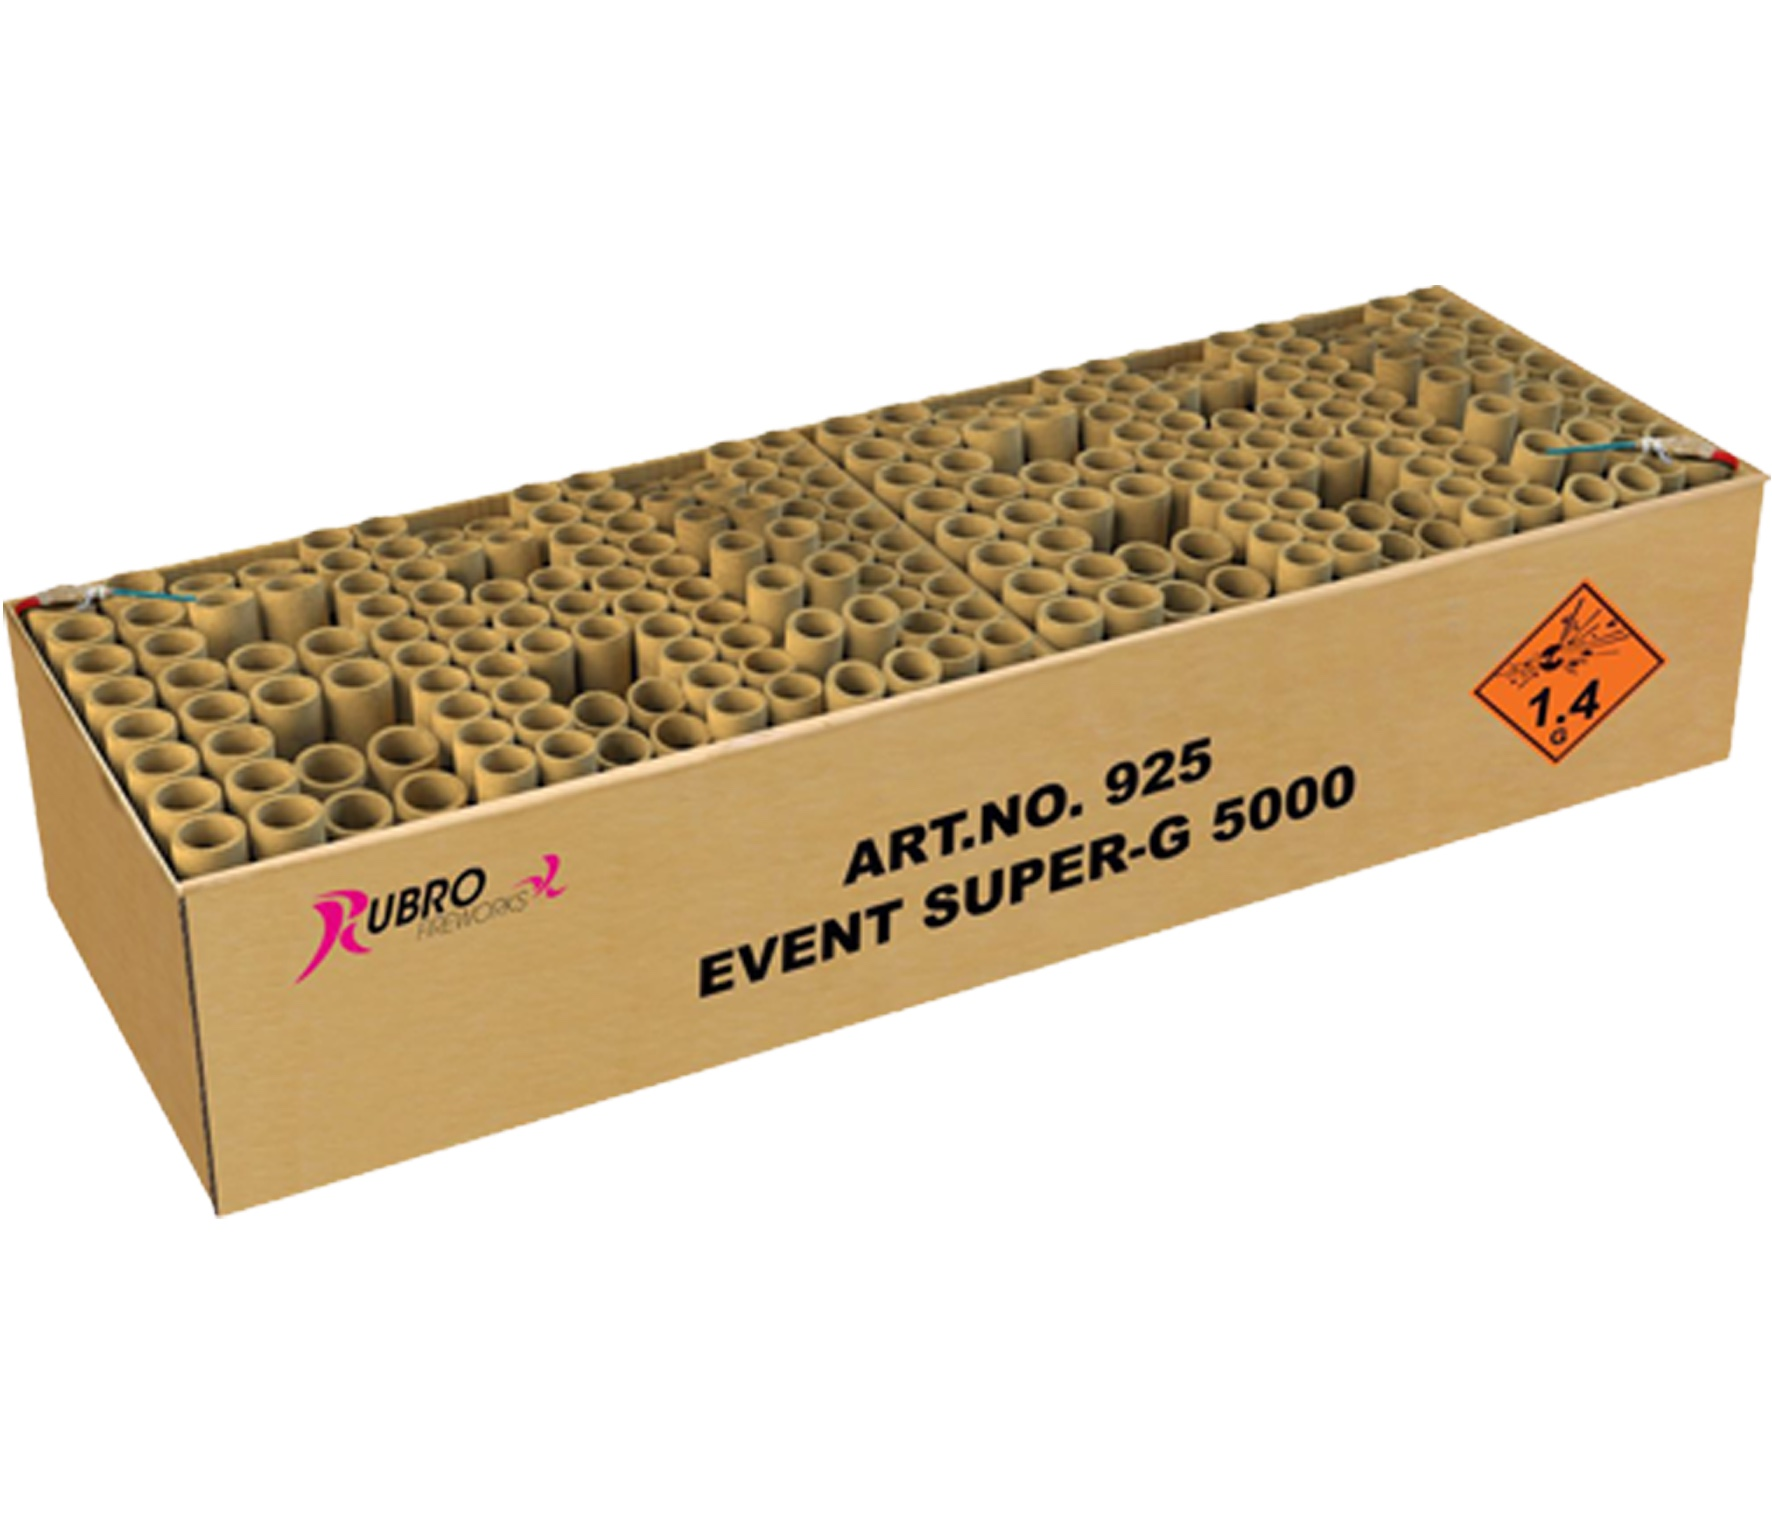 Event Super-G 5000 232 schots